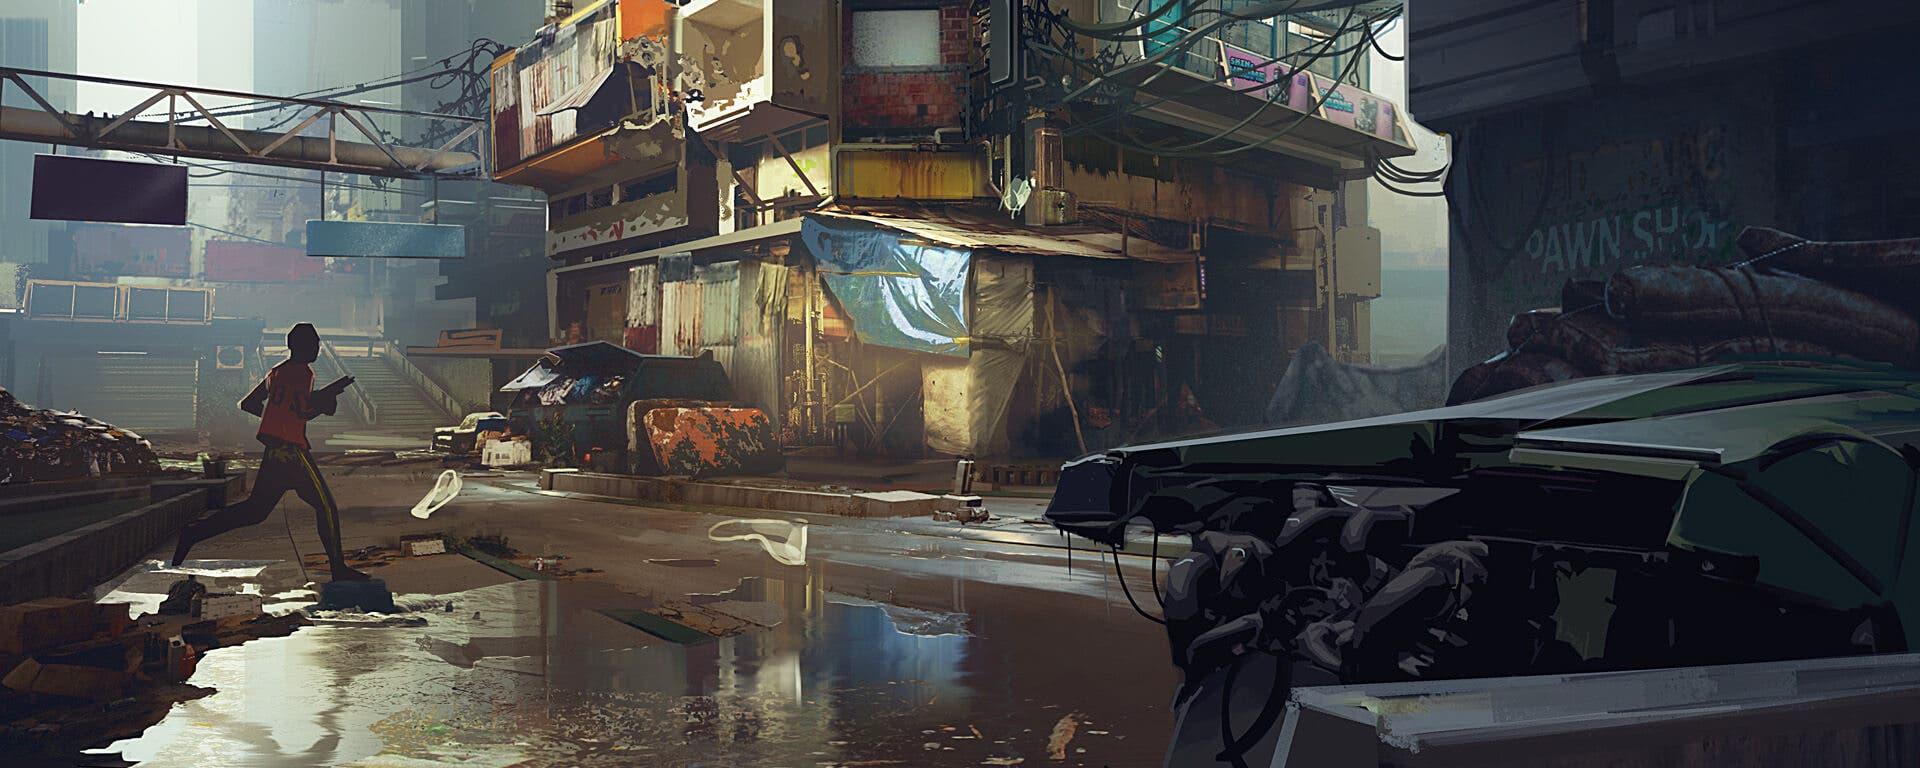 distrito de Cyberpunk 2077